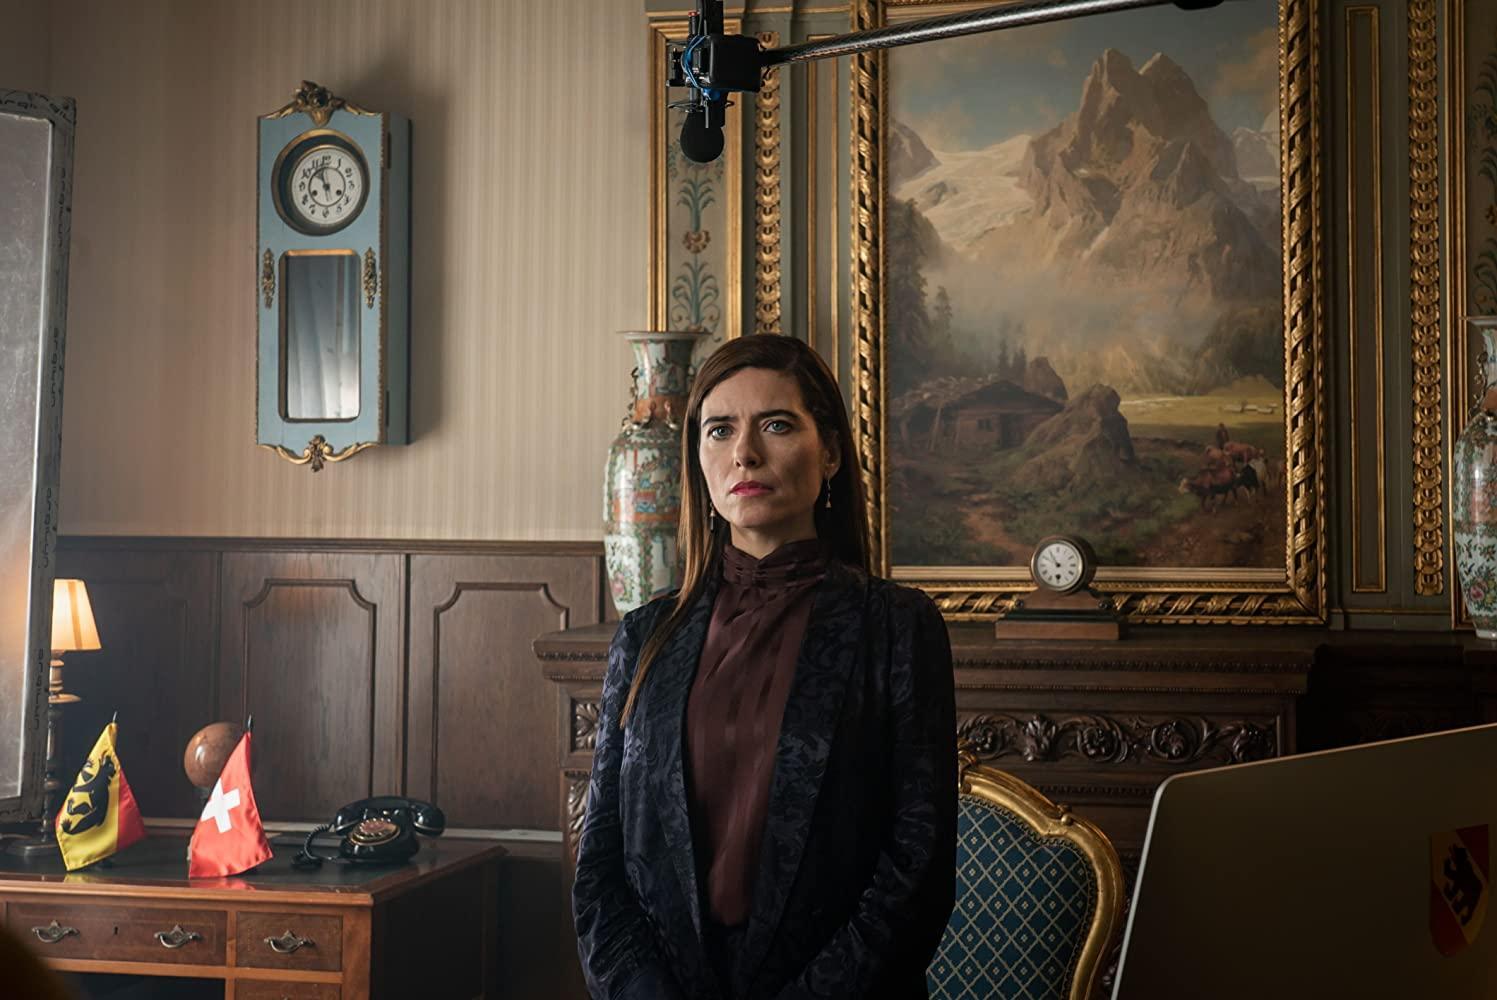 مشاهدة فيلم The Little Switzerland (2019) مترجم HD اون لاين